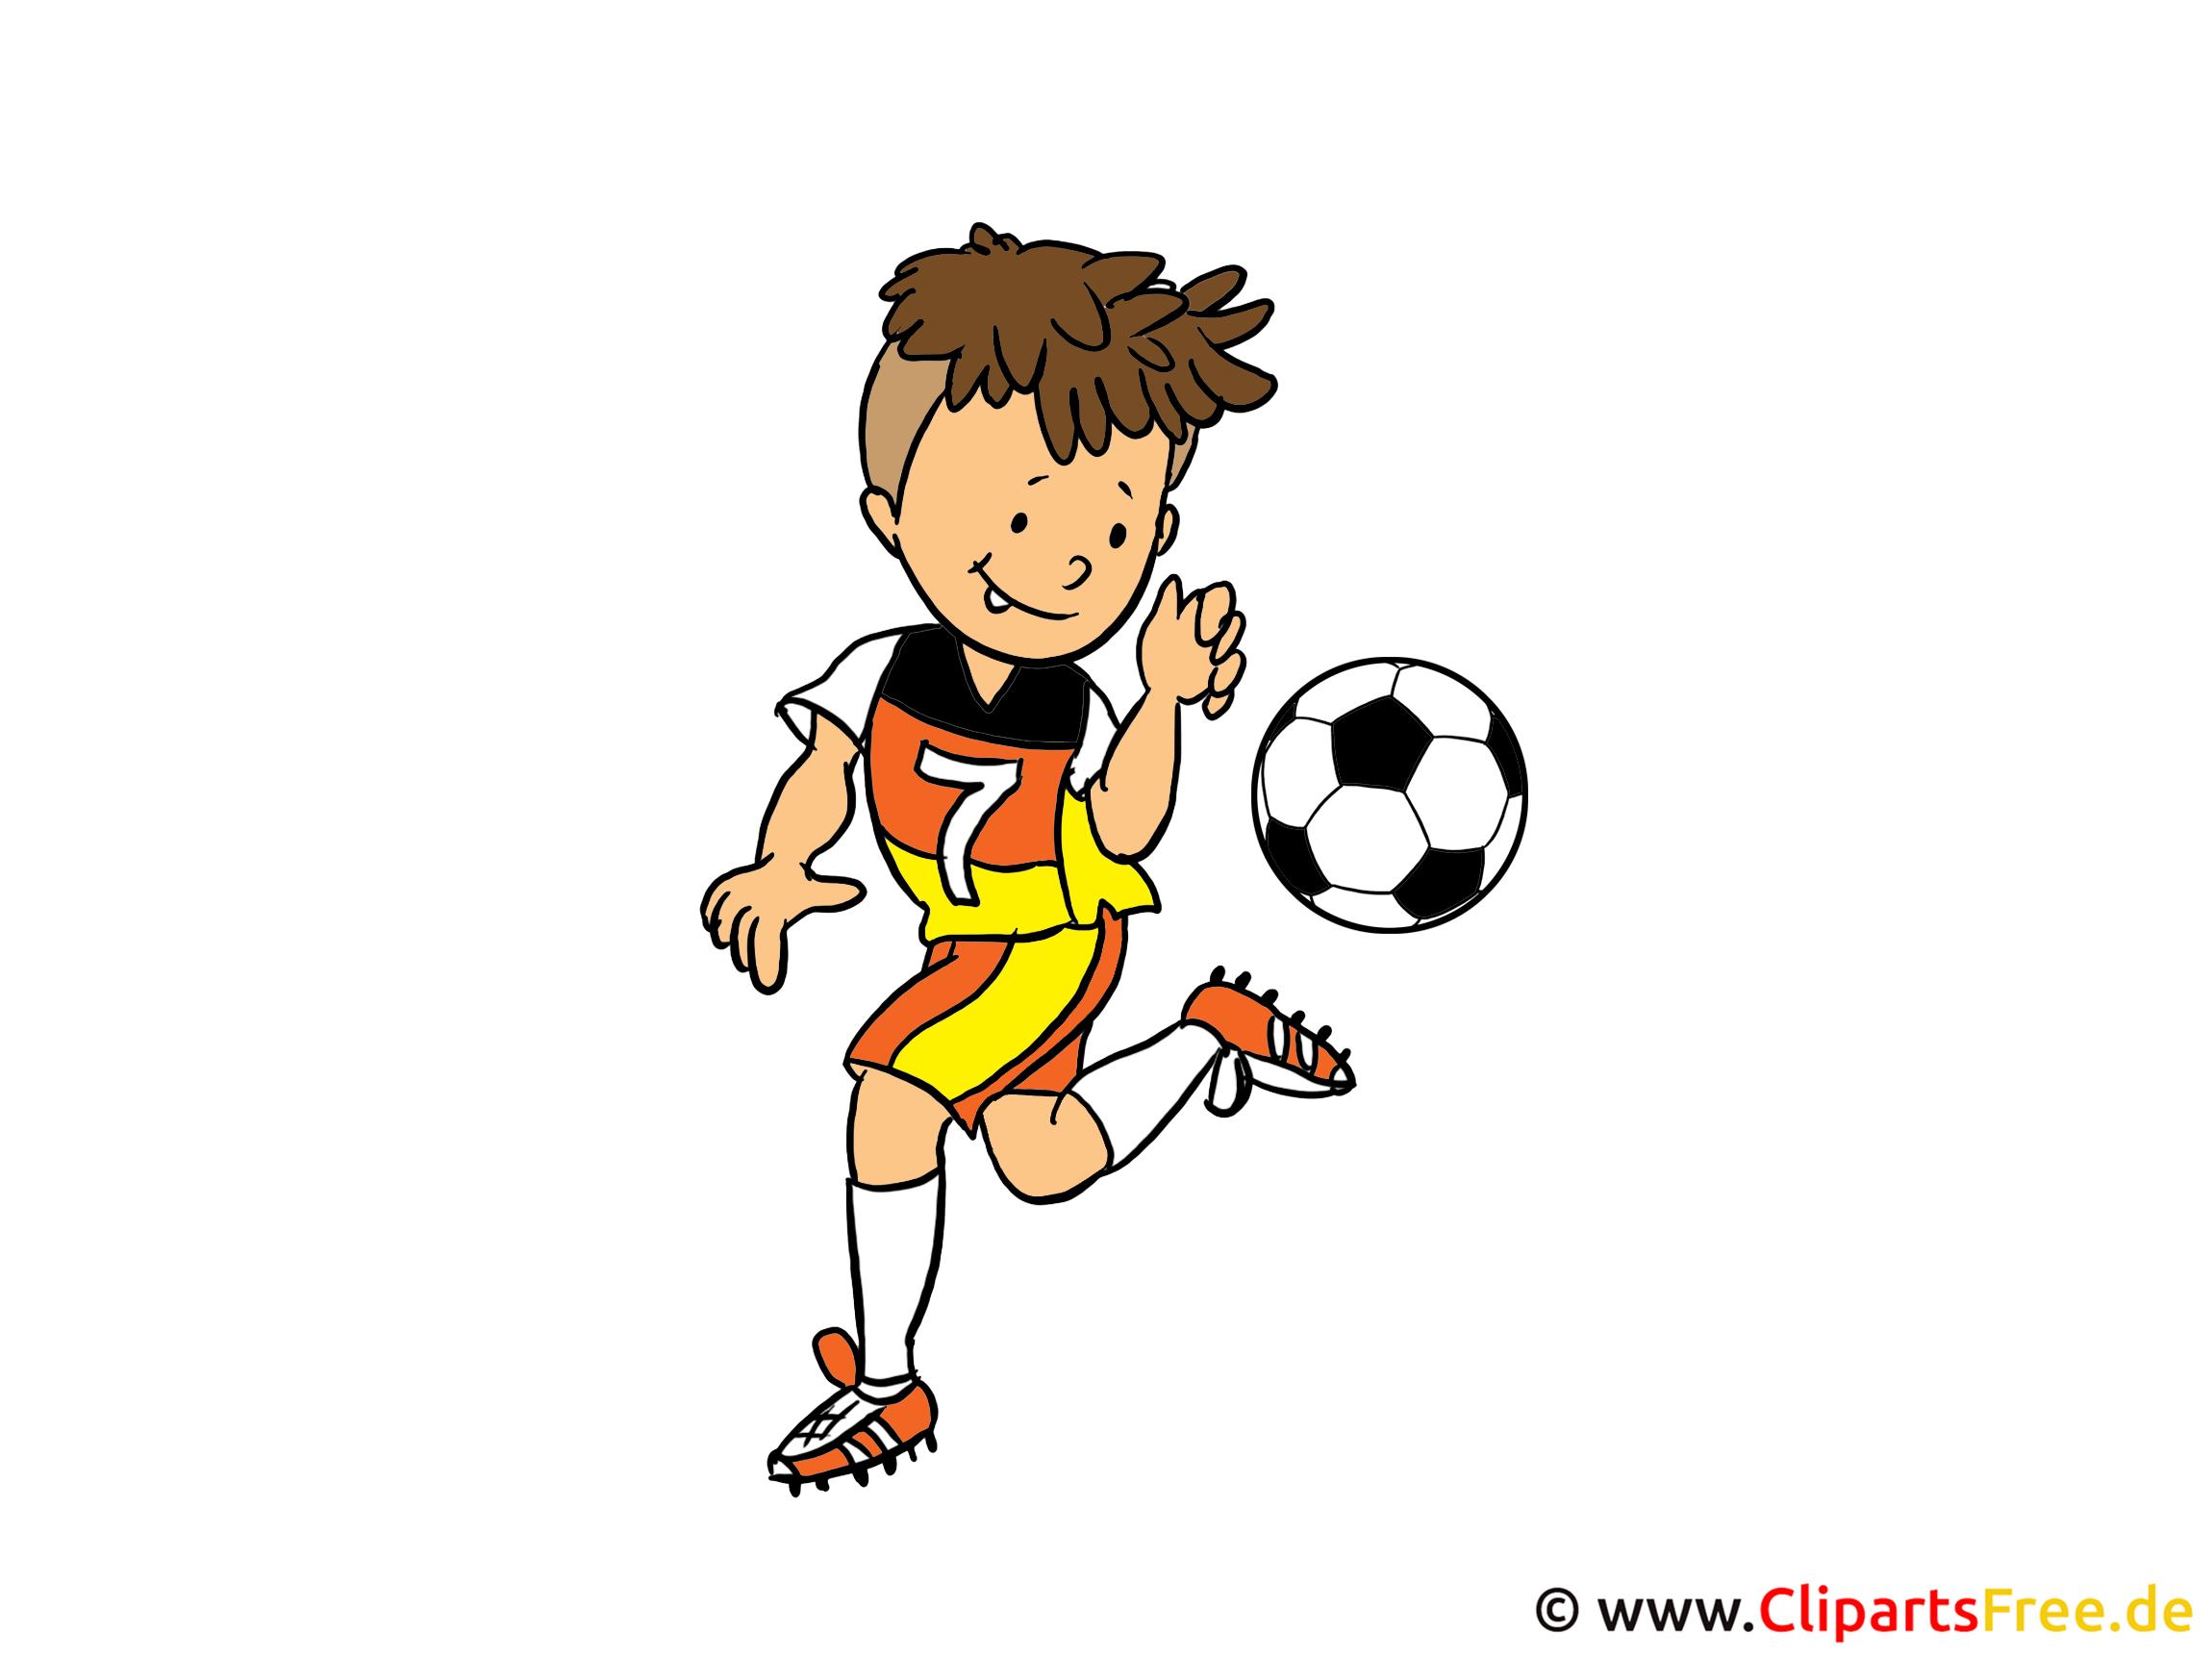 fussball spiel deutschland